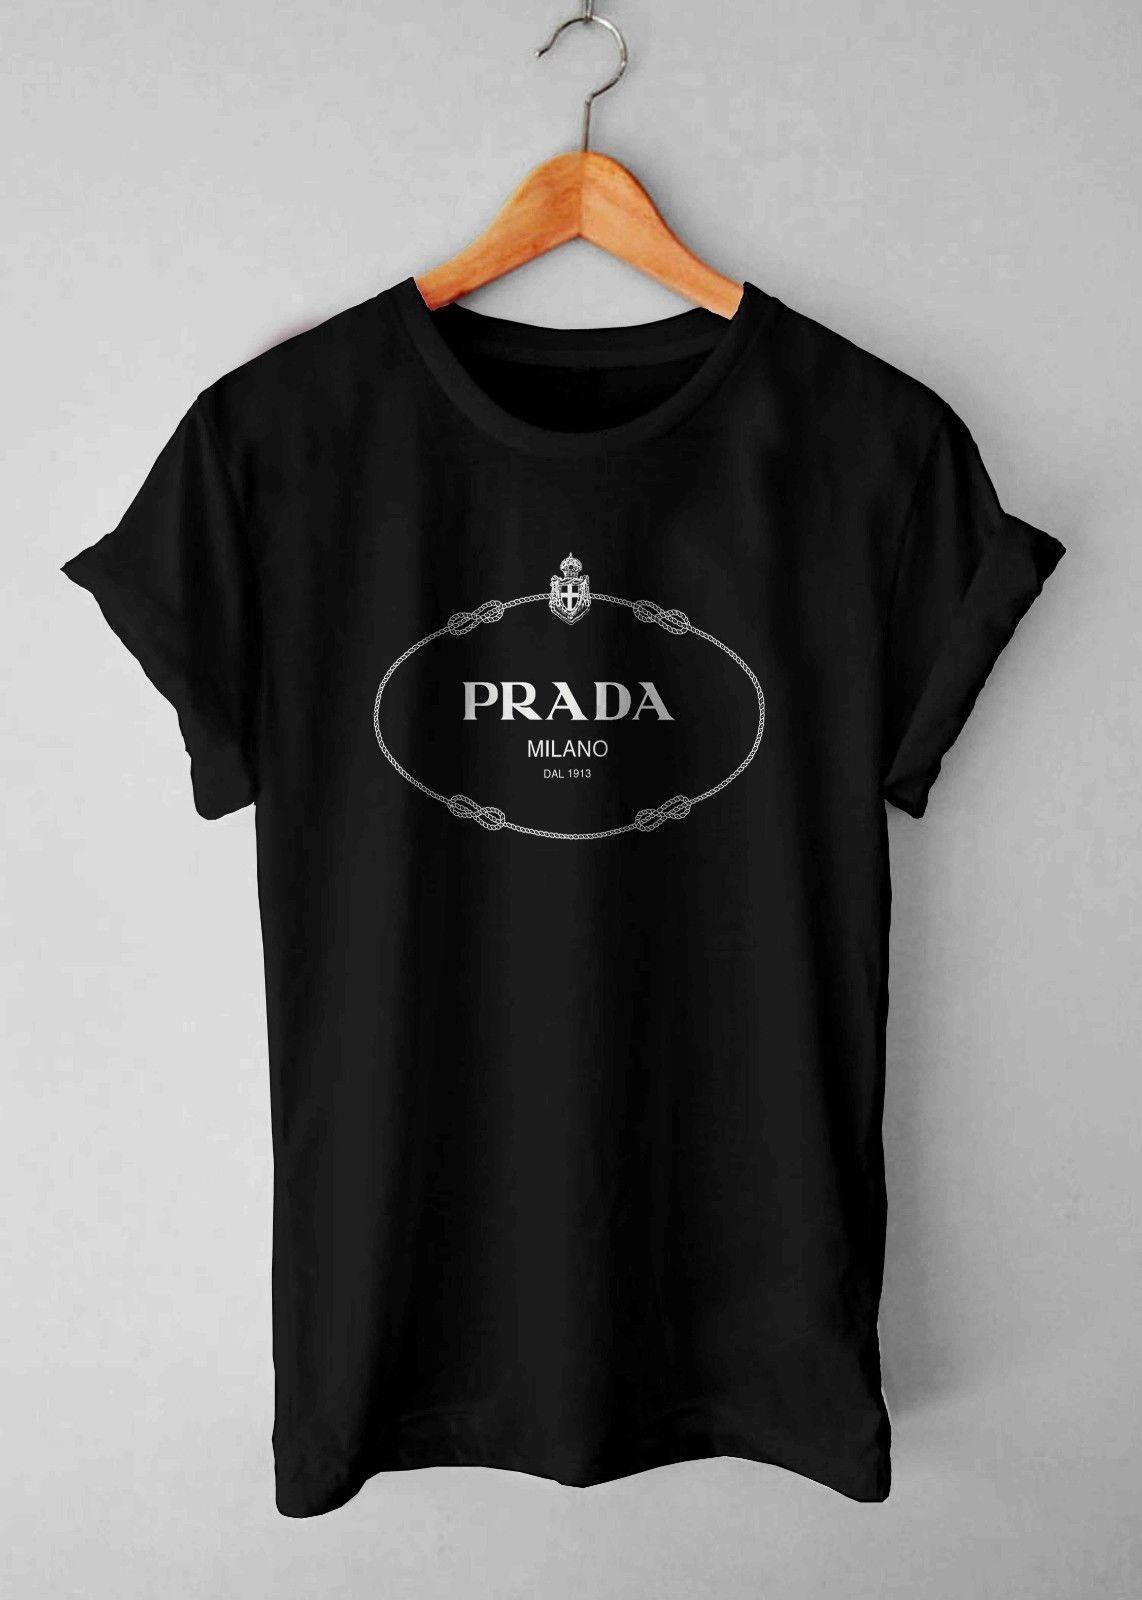 9592fe9d4c8 Acheter T Shirt Pas Cher Milano Dal Depuis 1913 Logo Vêtements À Manches  Courtes S À 3XL T Shirts À Manches Courtes Pour Hommes T Shirt Pour Hommes  À ...